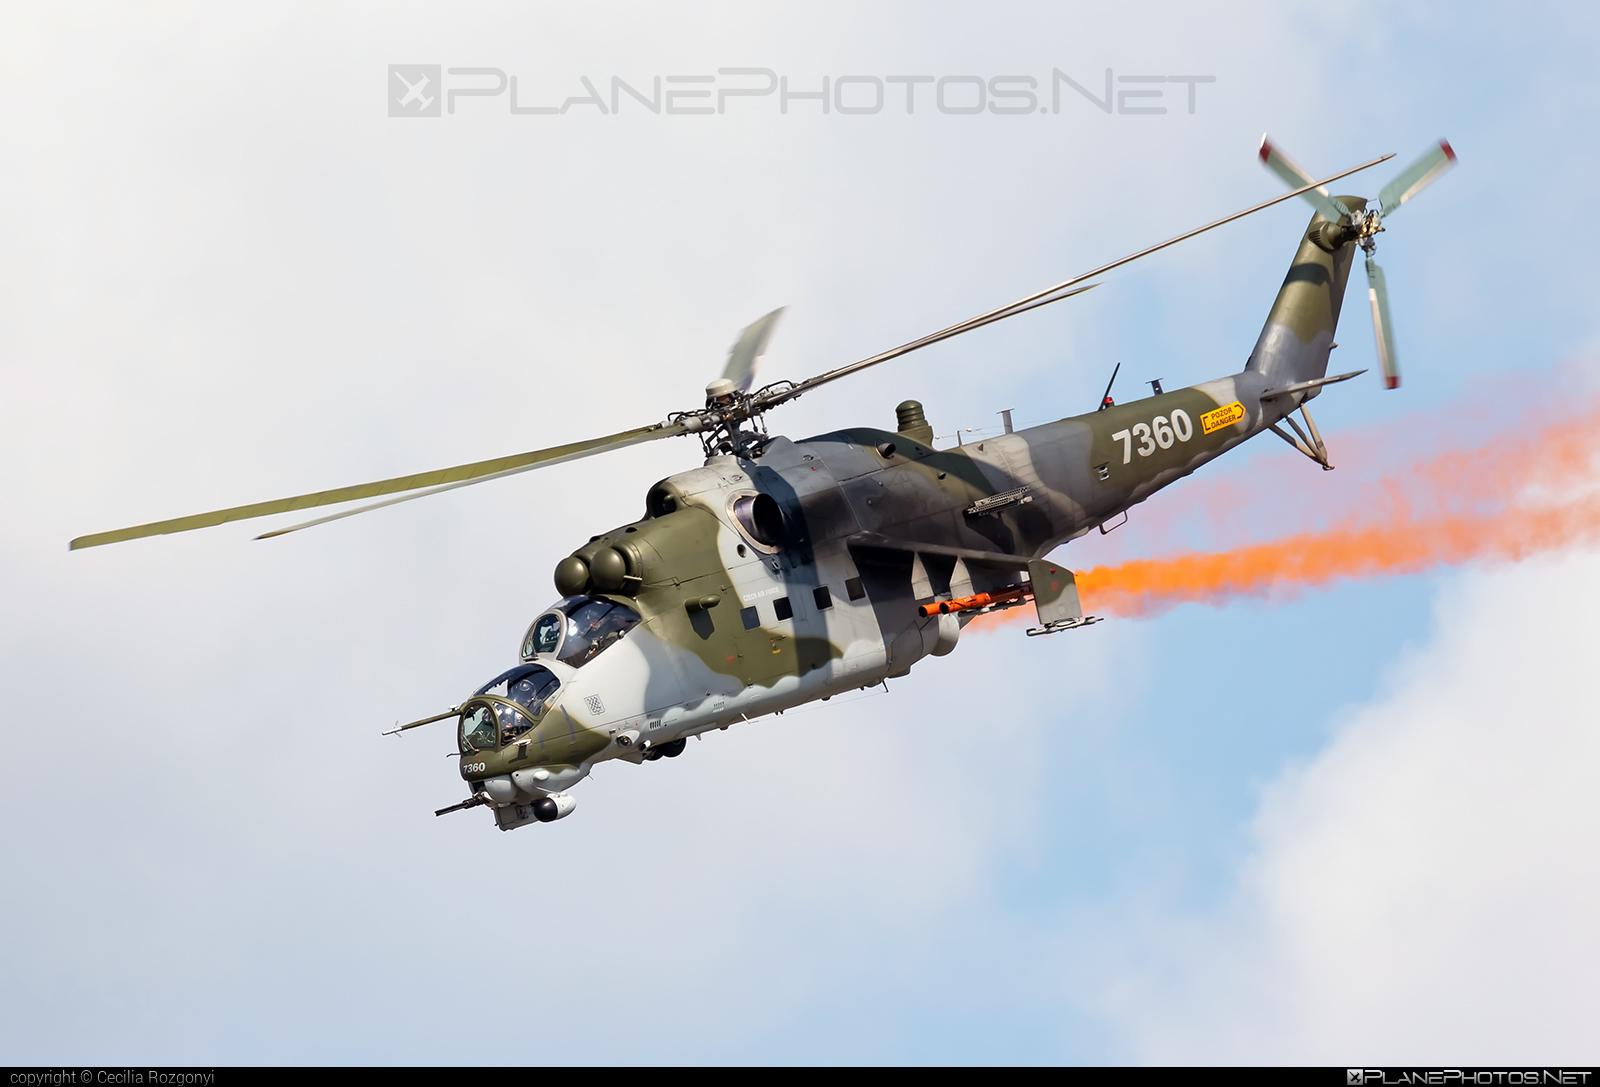 Mil Mi-35 - 7360 operated by Vzdušné síly AČR (Czech Air Force) #czechairforce #mi35 #mil #milhelicopters #vzdusnesilyacr